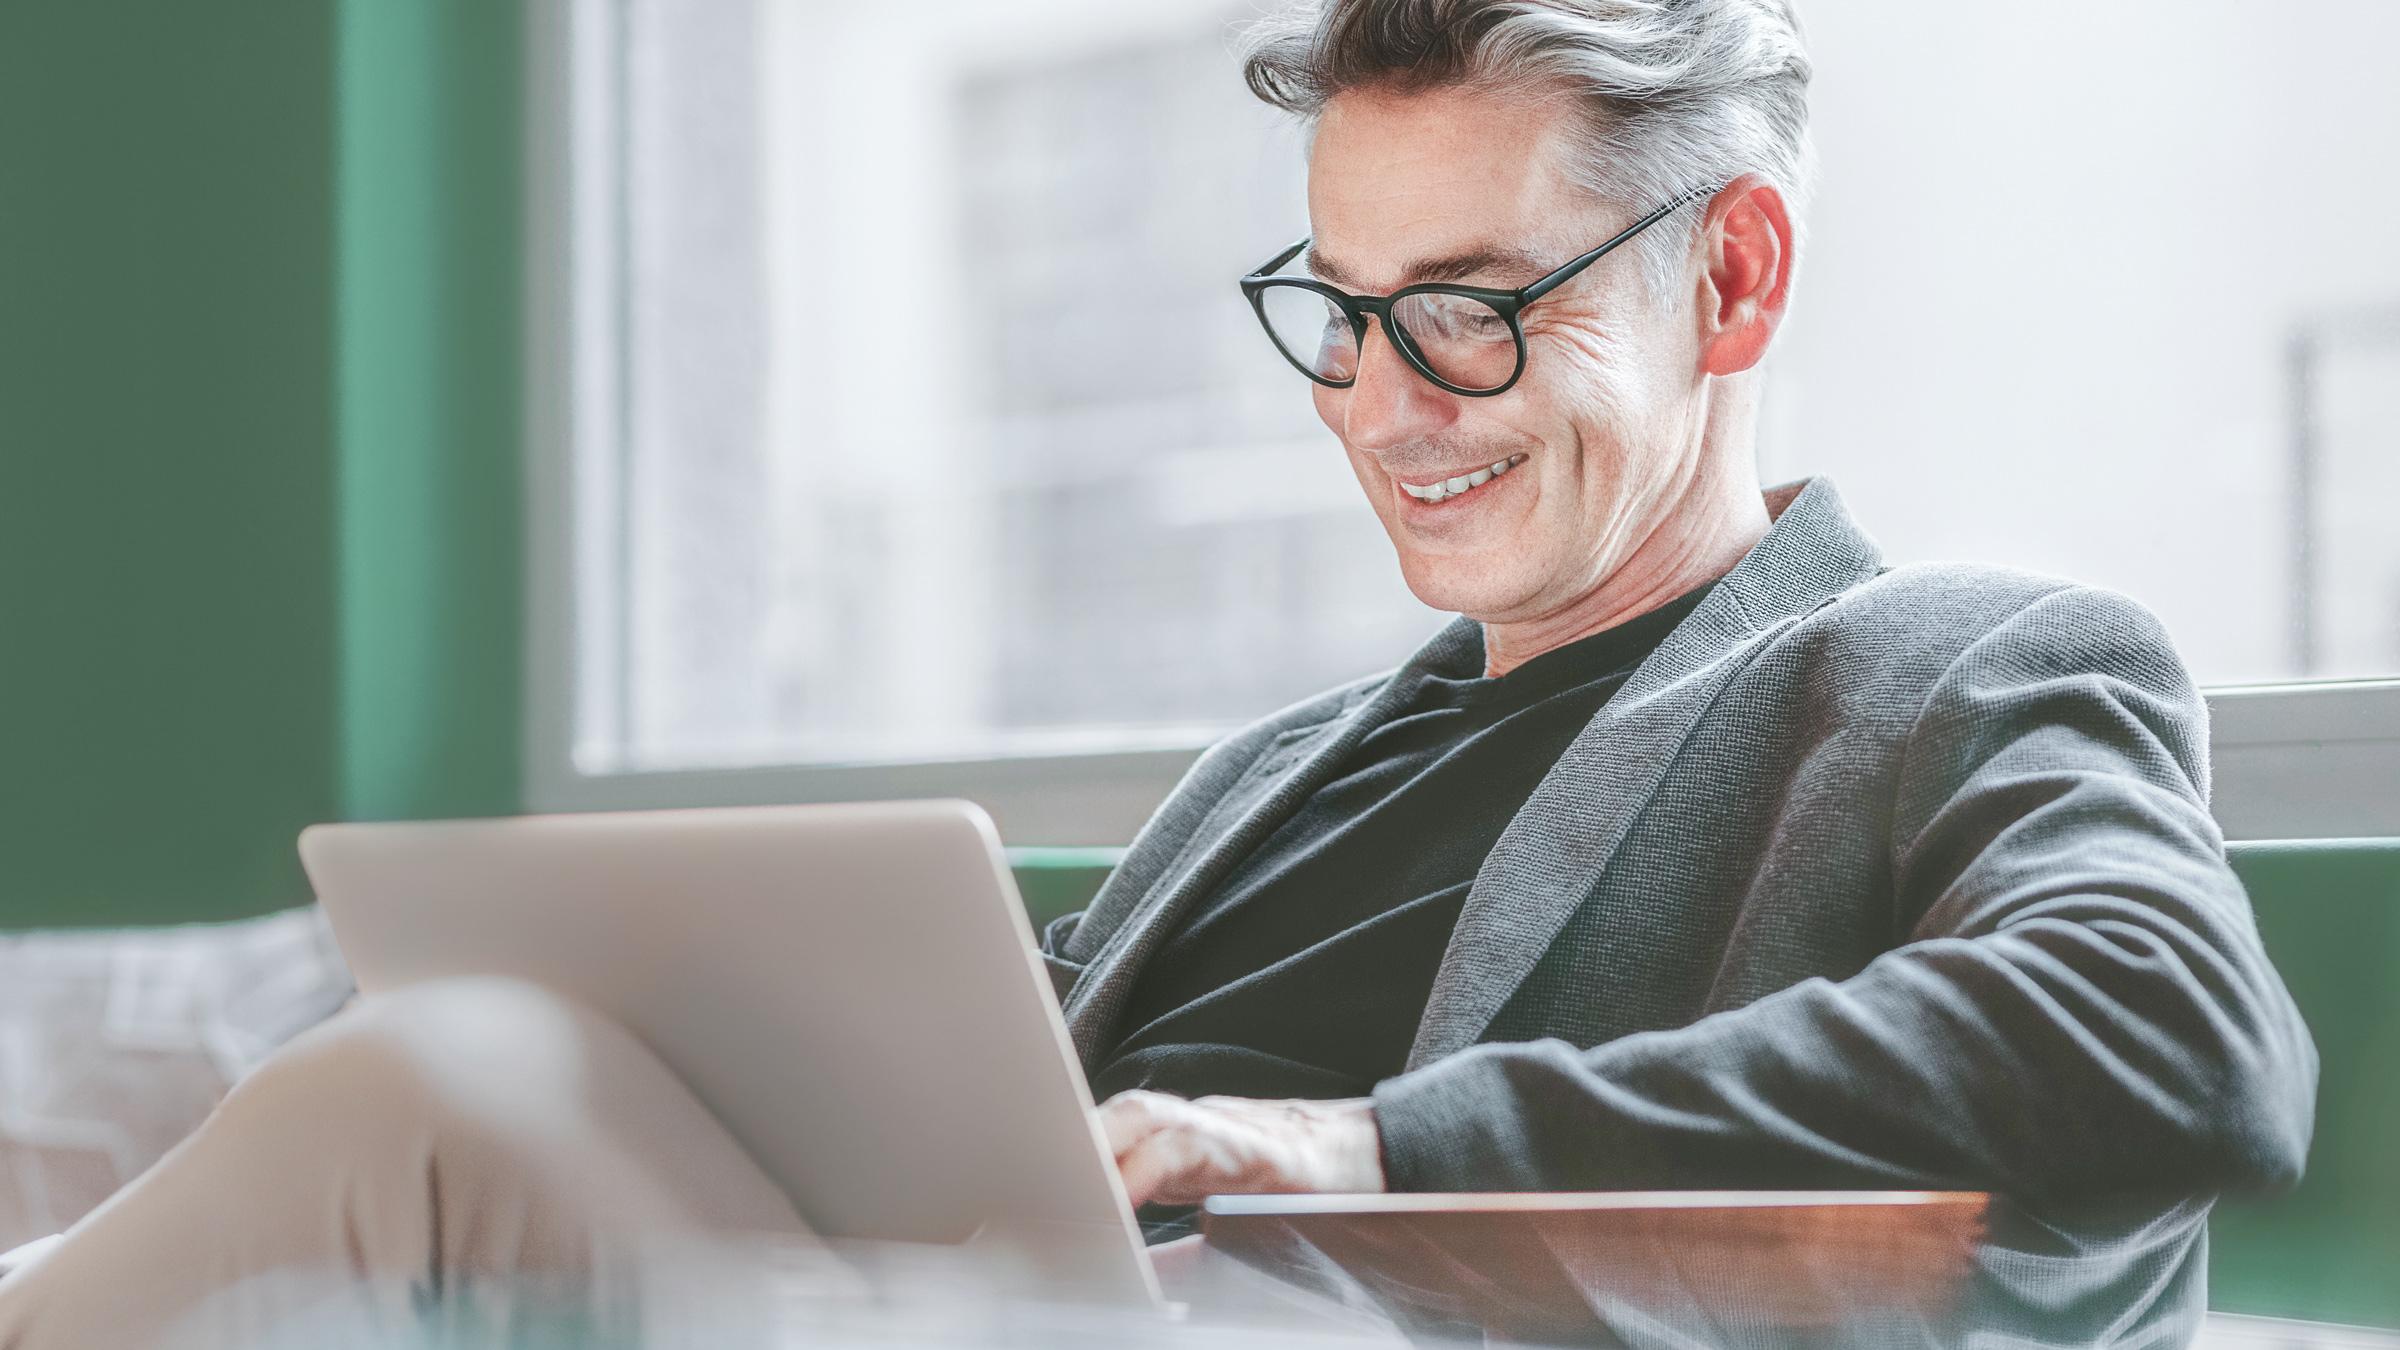 Compte-titres par l'intermédiaire du courtier en actions LYNX - trouver les meilleures actions à dividendes